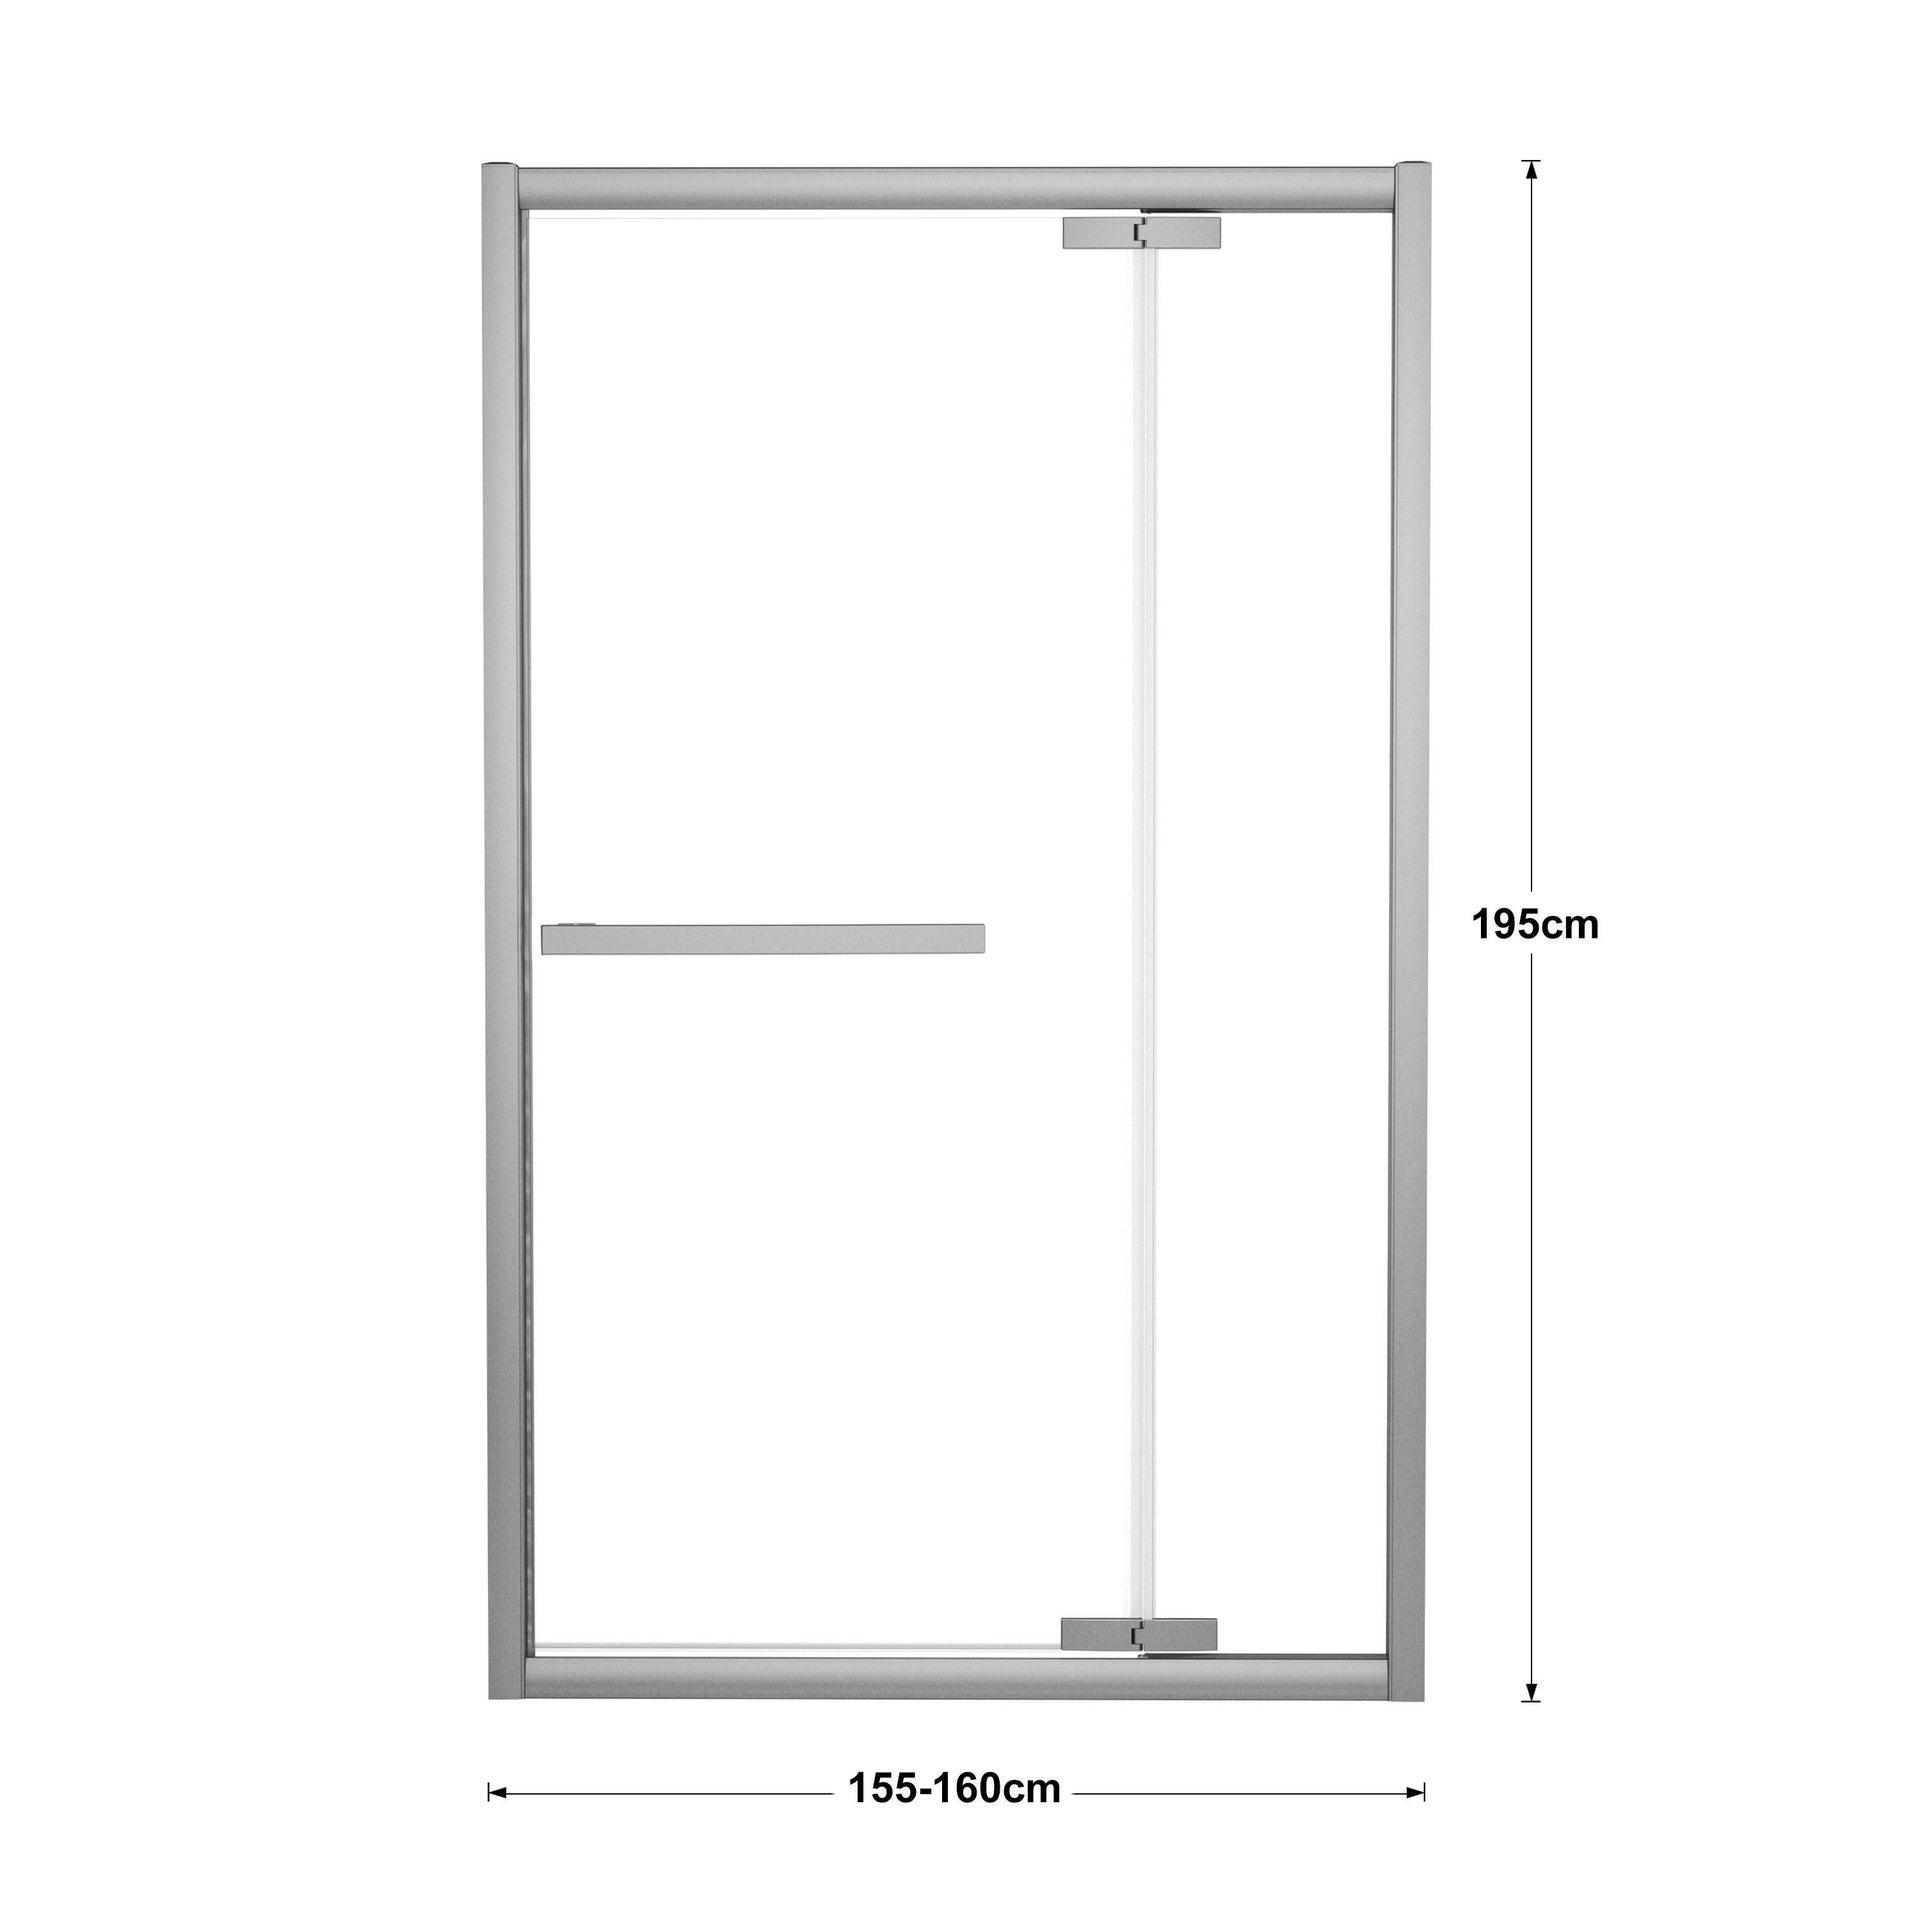 Porta doccia battente Namara 160 cm, H 195 cm in vetro temprato, spessore 8 mm trasparente silver - 2